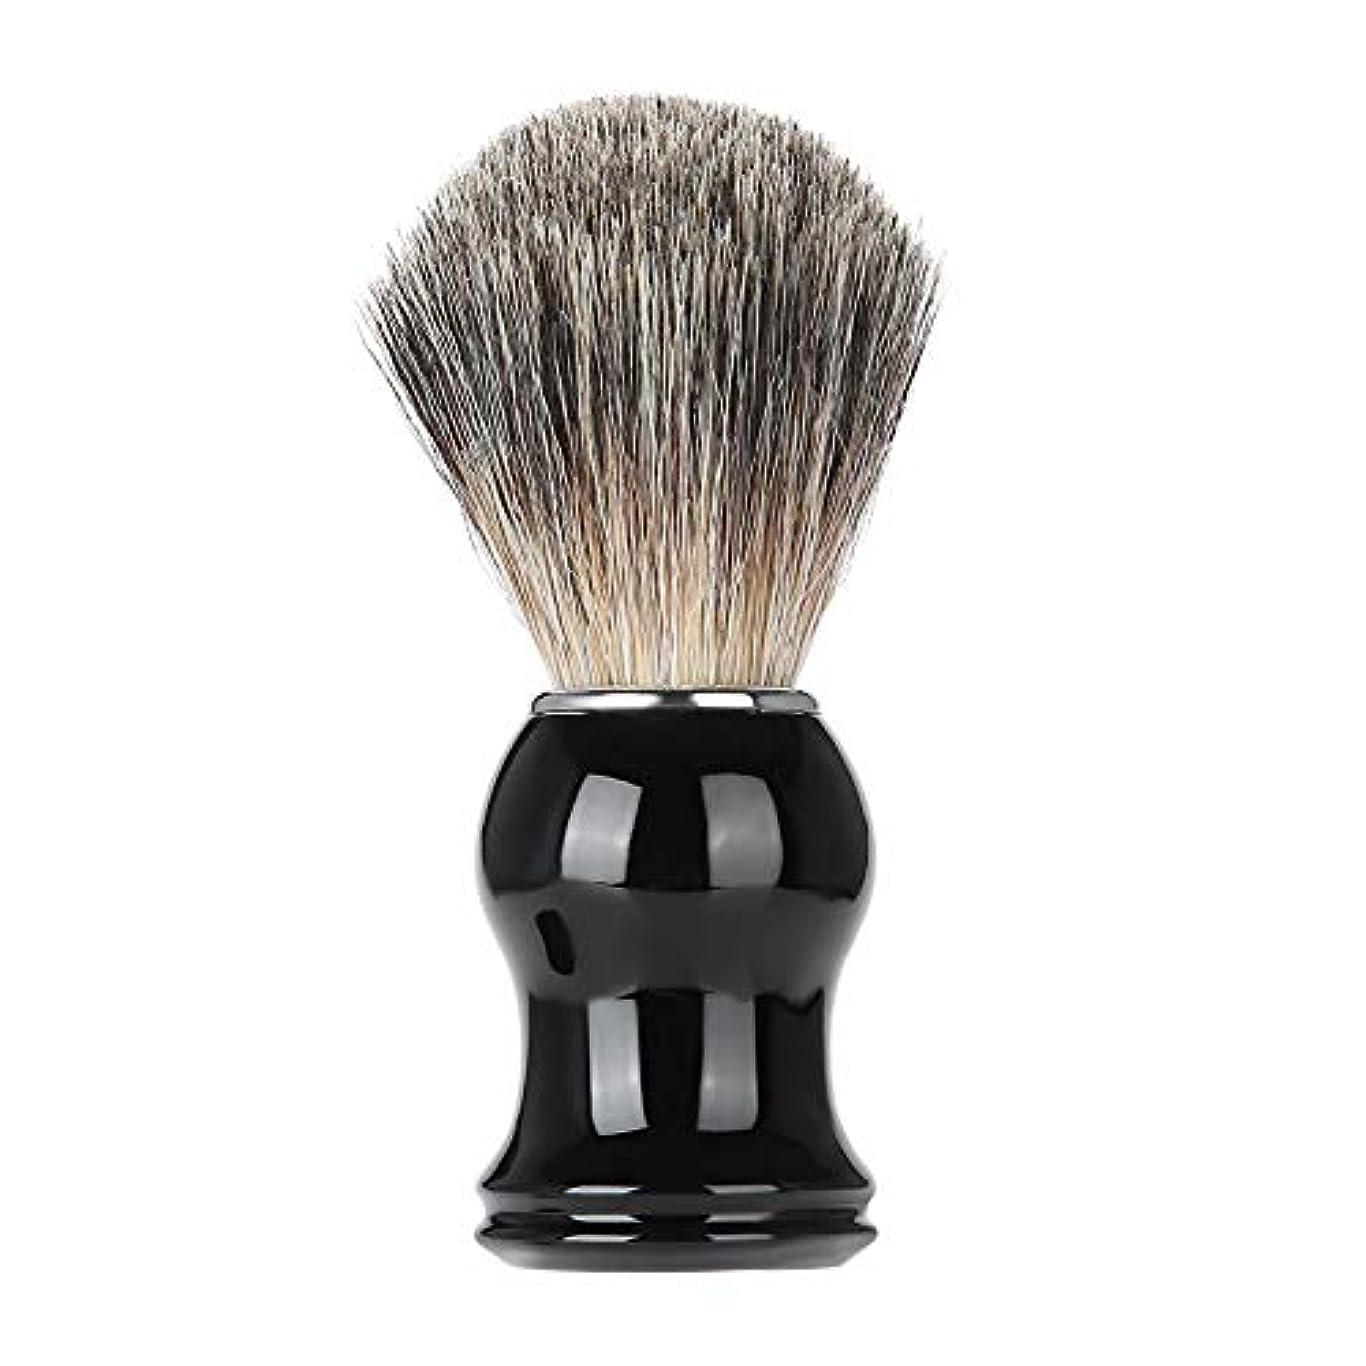 連結する水っぽいあまりにもNitrip シェービングブラシ ひげブラシ ひげケア アナグマ毛 理容 洗顔 髭剃り 泡立ち シェービング用アクセサリー 男性用 高級